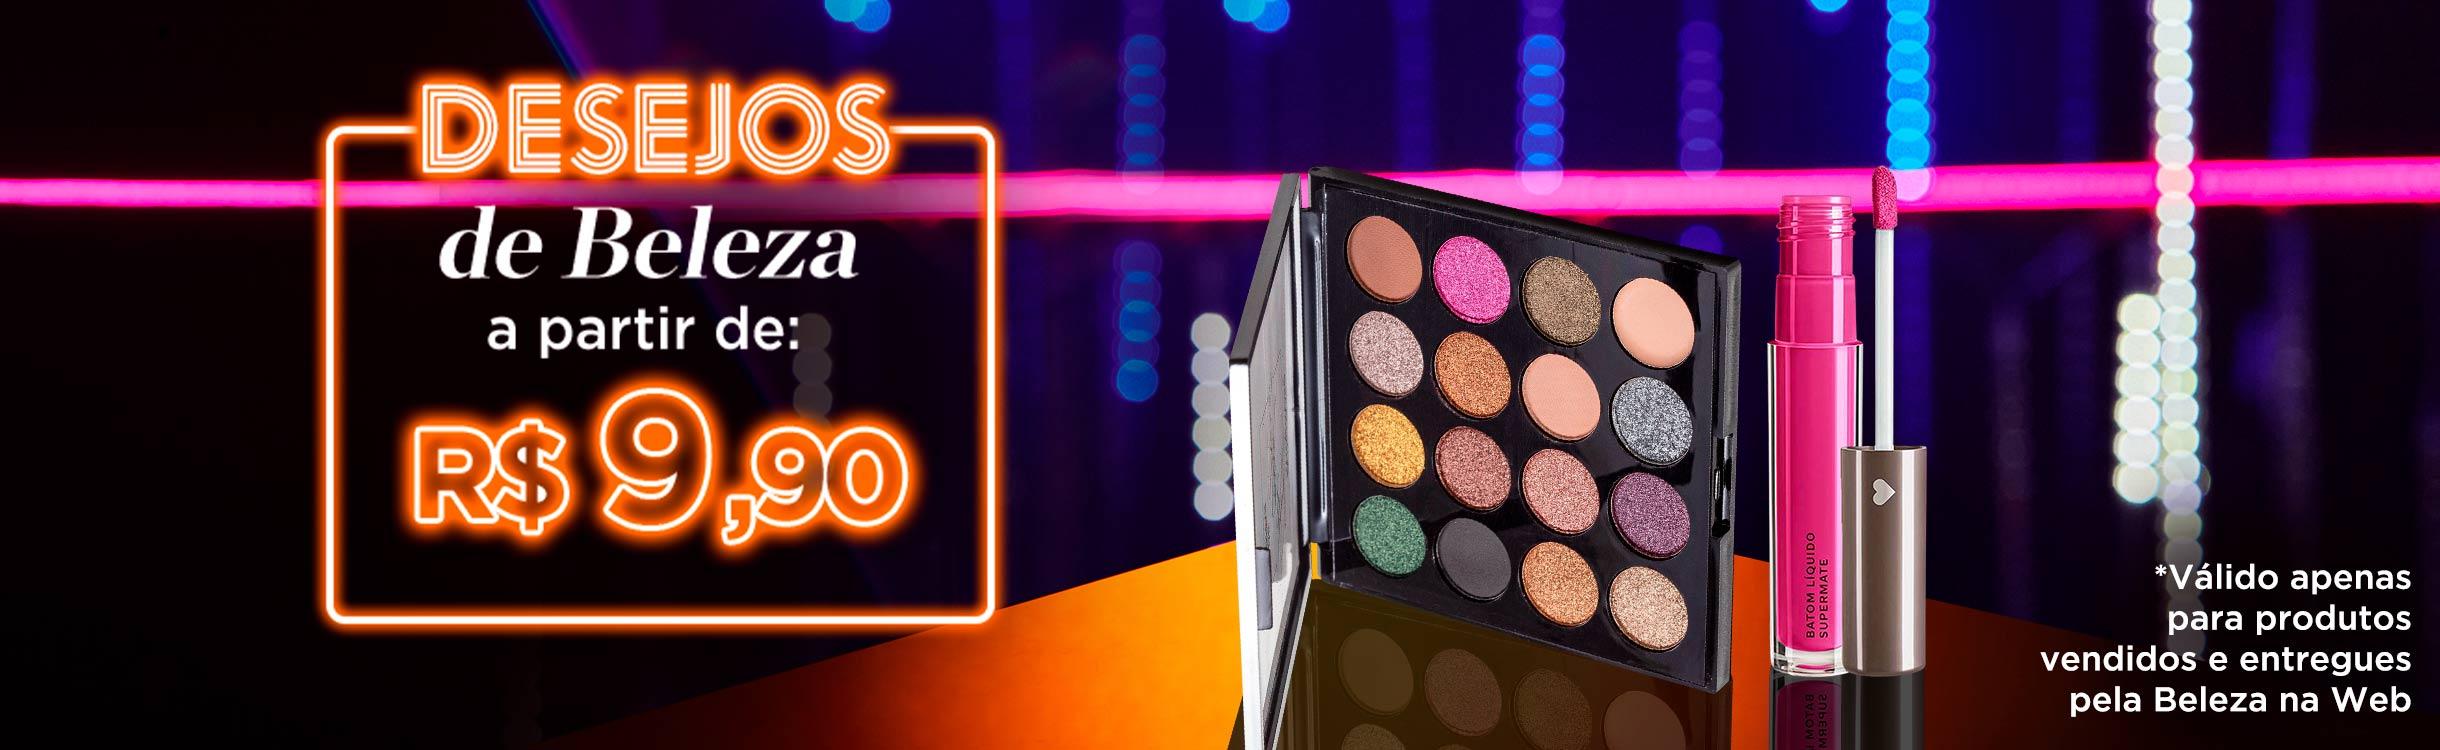 TBT da Beauty Friday   Desejos de Beleza a partir de R$9,90